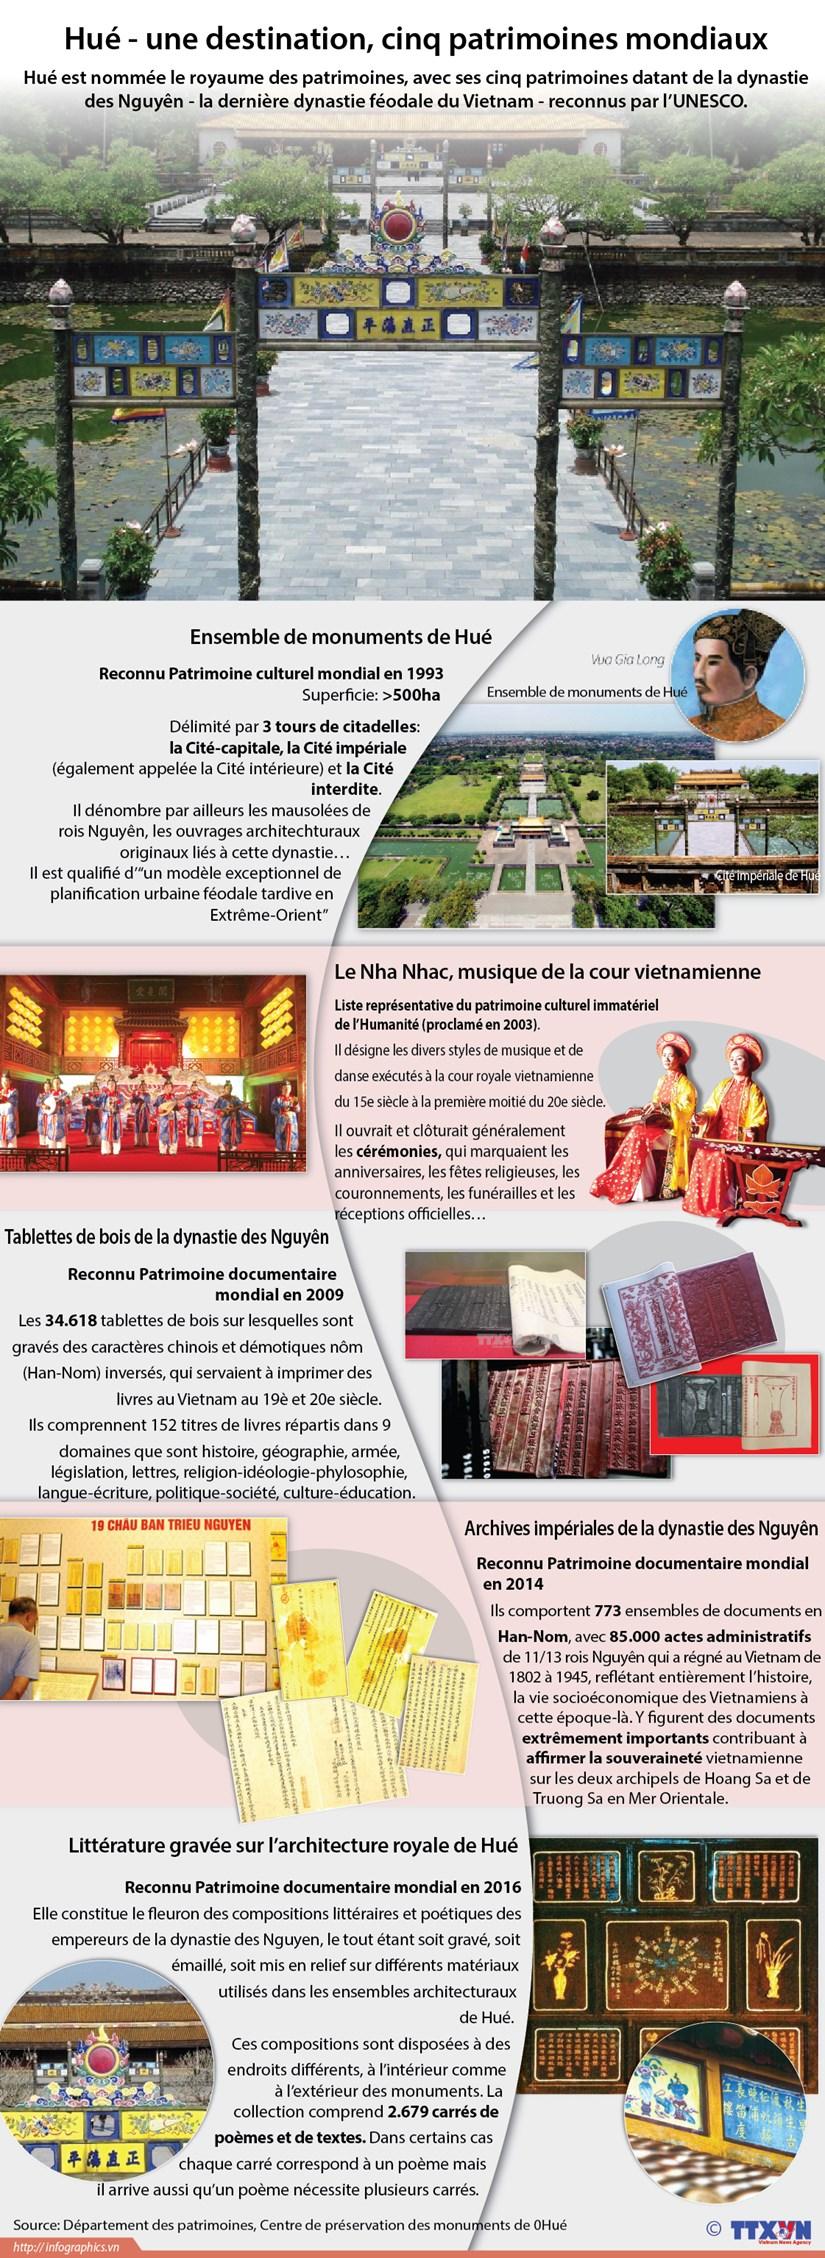 Hue - une destination, cinq patrimoines mondiaux hinh anh 1